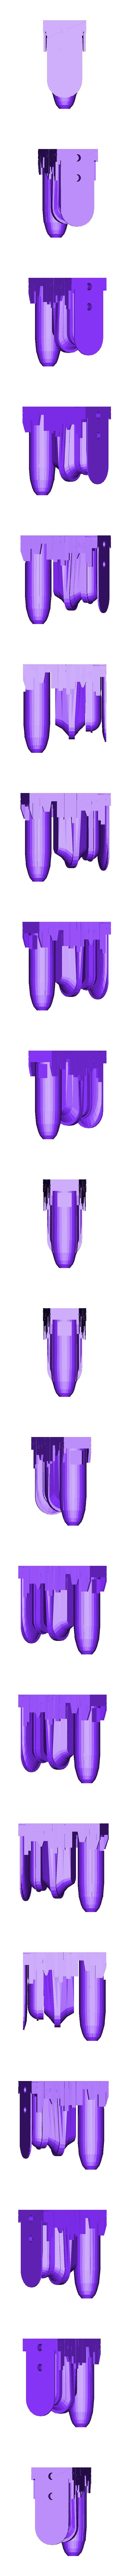 Front_LowerAA.stl Télécharger fichier STL gratuit Frégate Nebulon B (coupée et sectionnée) • Modèle pour impression 3D, Masterkookus